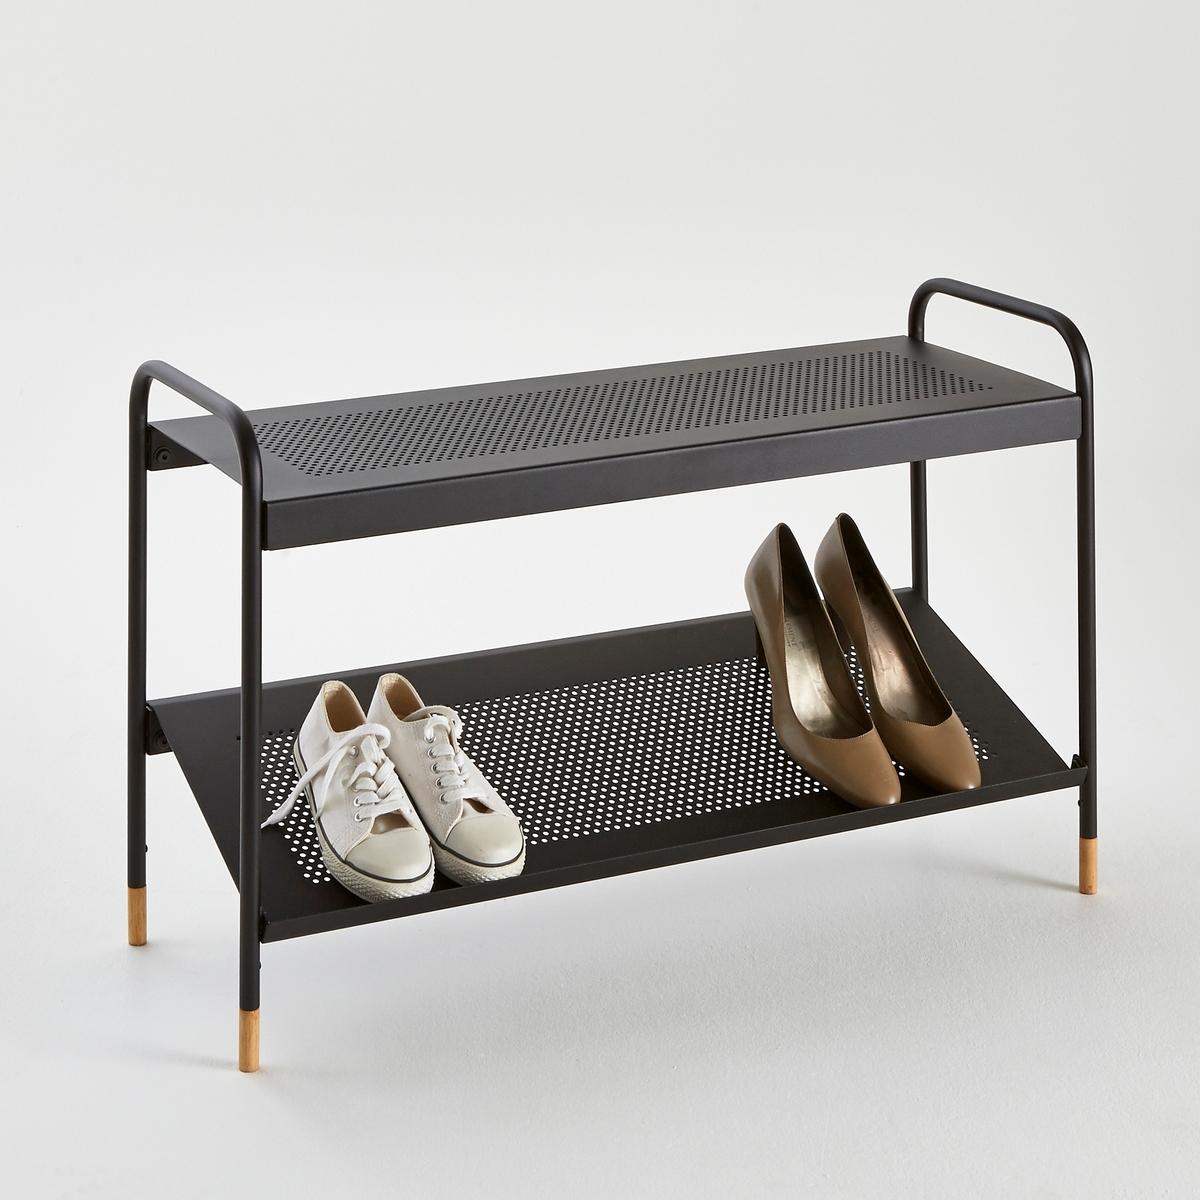 Скамья, подставка для обуви AGAMA около 8 парСкамья, подставка для обуви из перфорированного металла с 2 уровнями, то есть около 8 пар обуви . Идеальна для размещения в стенном шкафу . Ножки из металла и гельвеи . 2 полки с перфорацией . Нижняя этажерка под наклоном .Размеры :Длина : 83 смВысота : 52 смПолки: 83 x 30 см<br><br>Цвет: черный